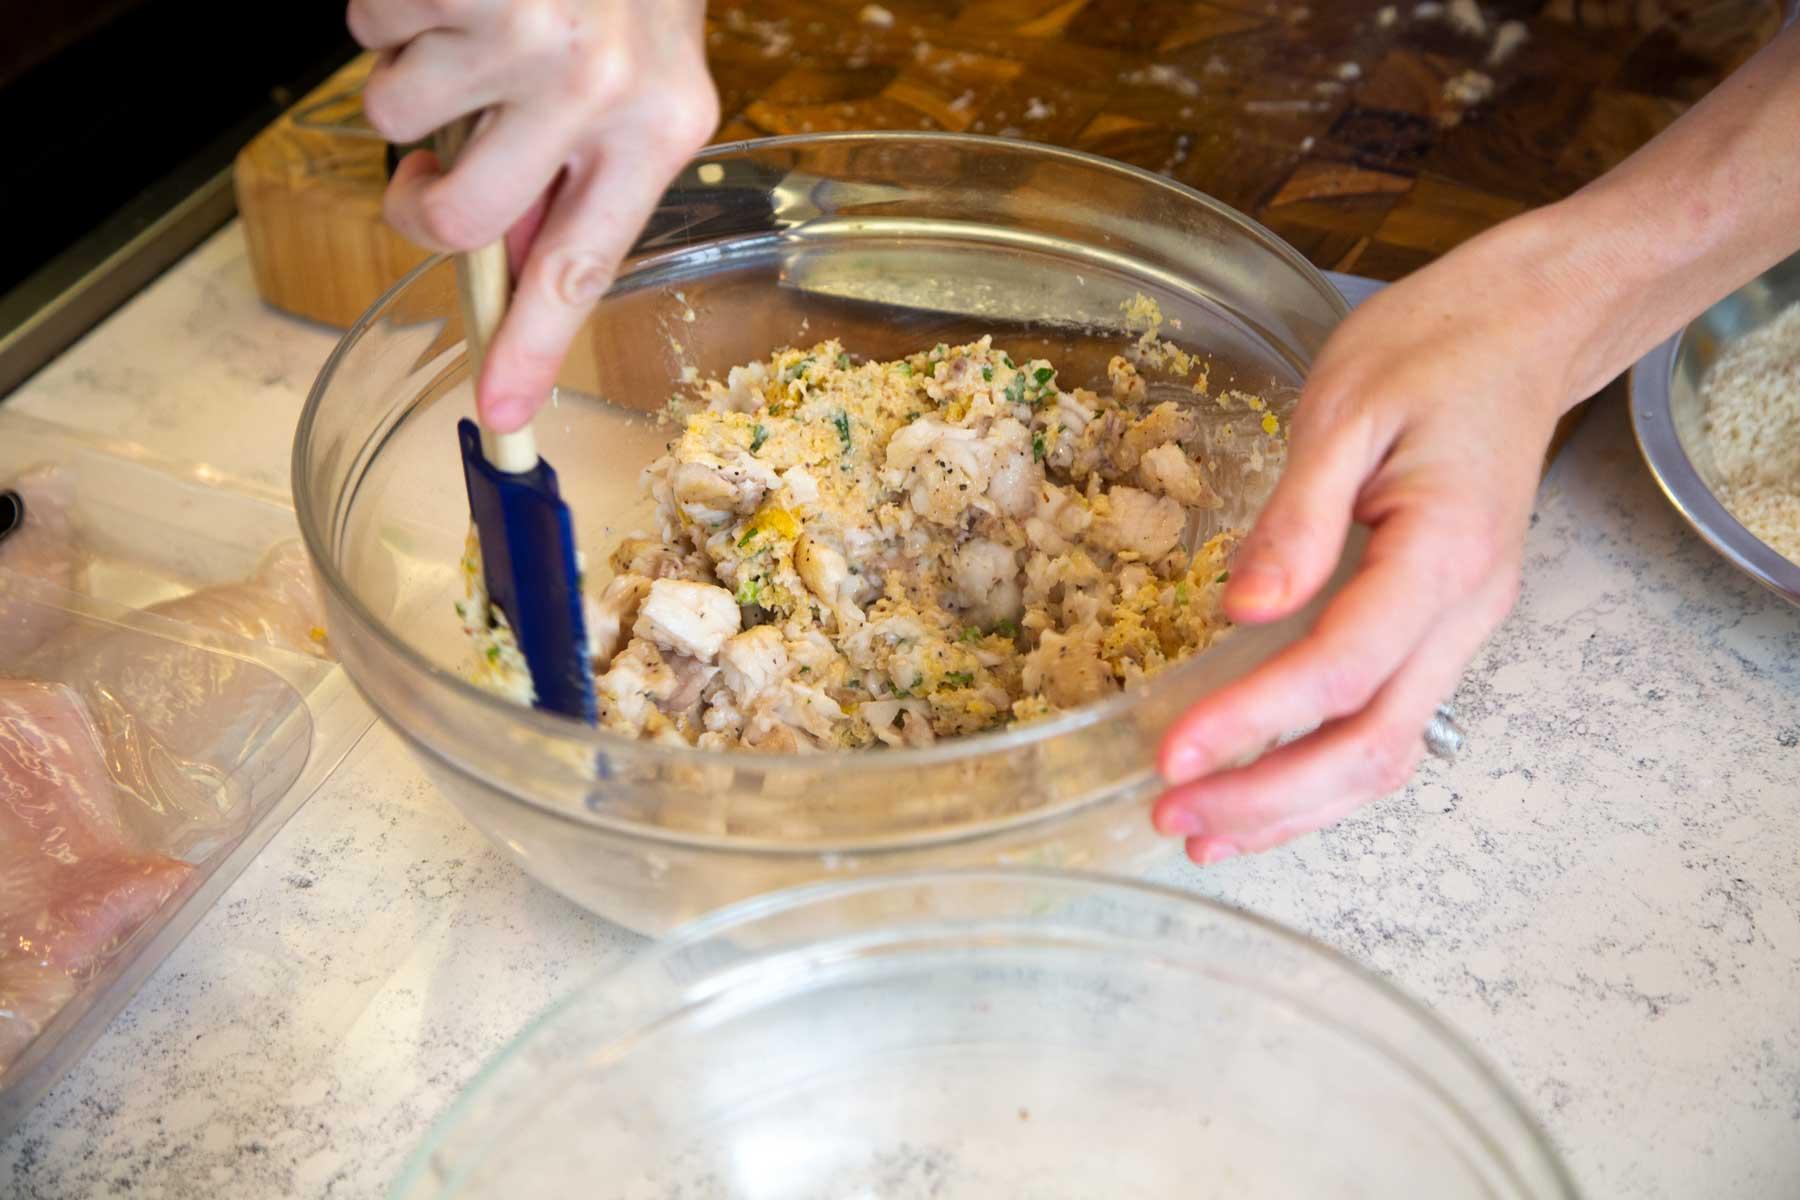 Stirring Ingredients in mixing bowl